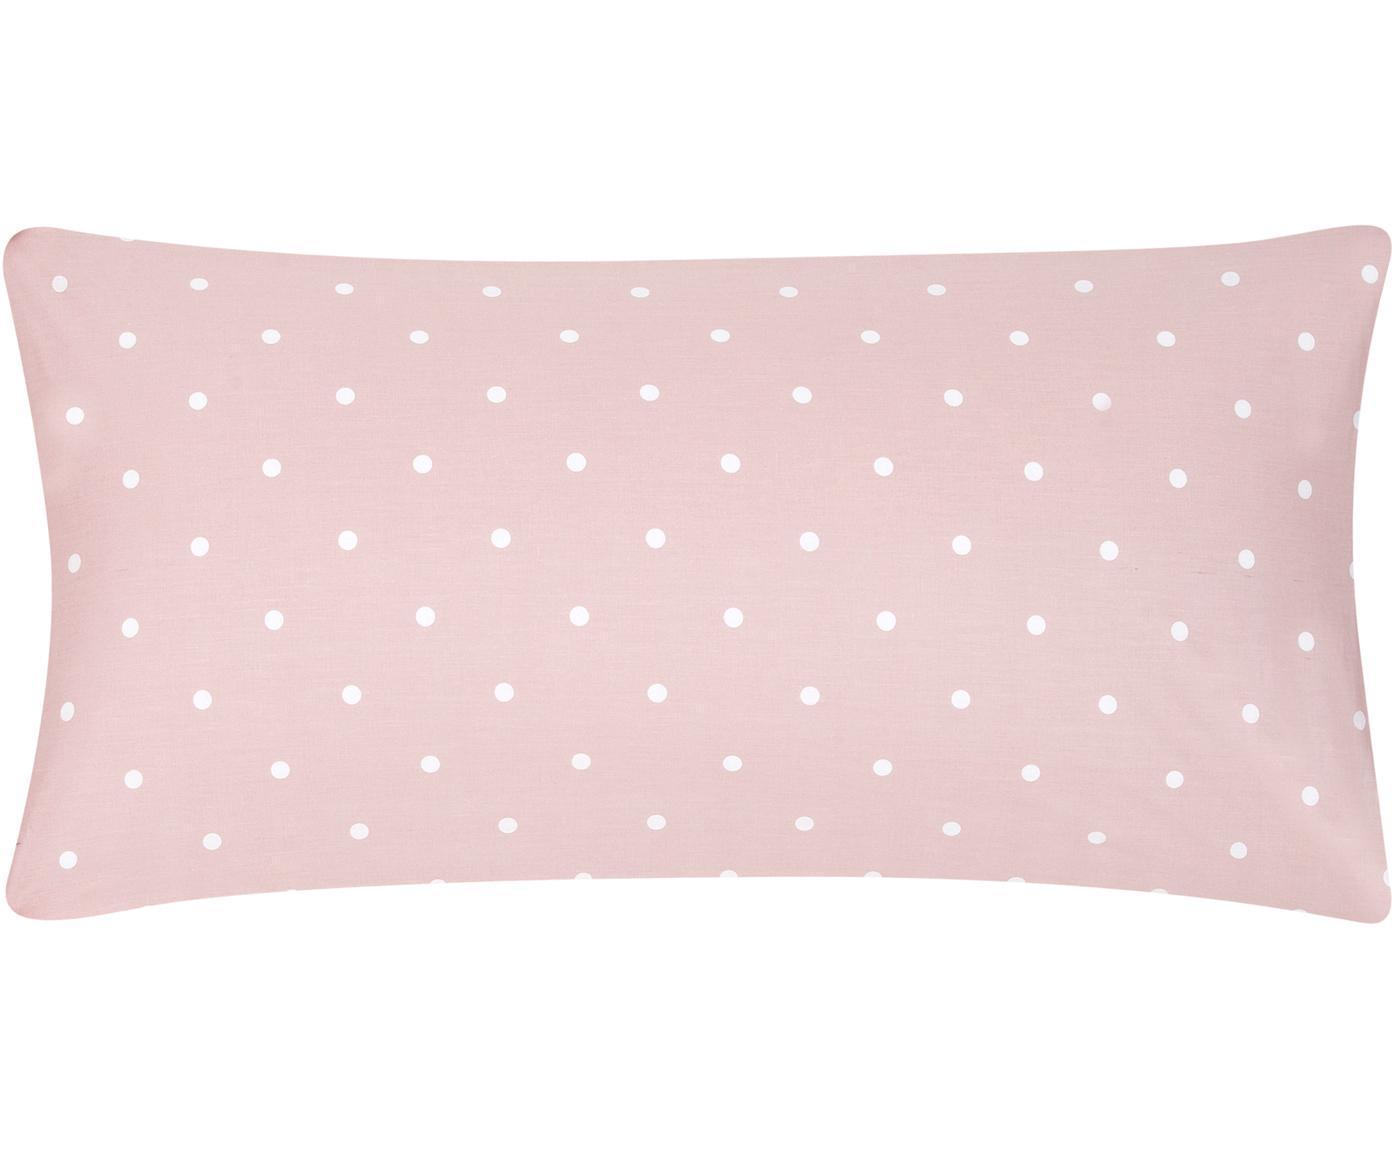 Gepunktete Baumwoll-Kissenbezüge Dotty in Rosa/Weiß, 2 Stück, Webart: Renforcé Fadendichte 144 , Rosa, Weiß, 40 x 80 cm